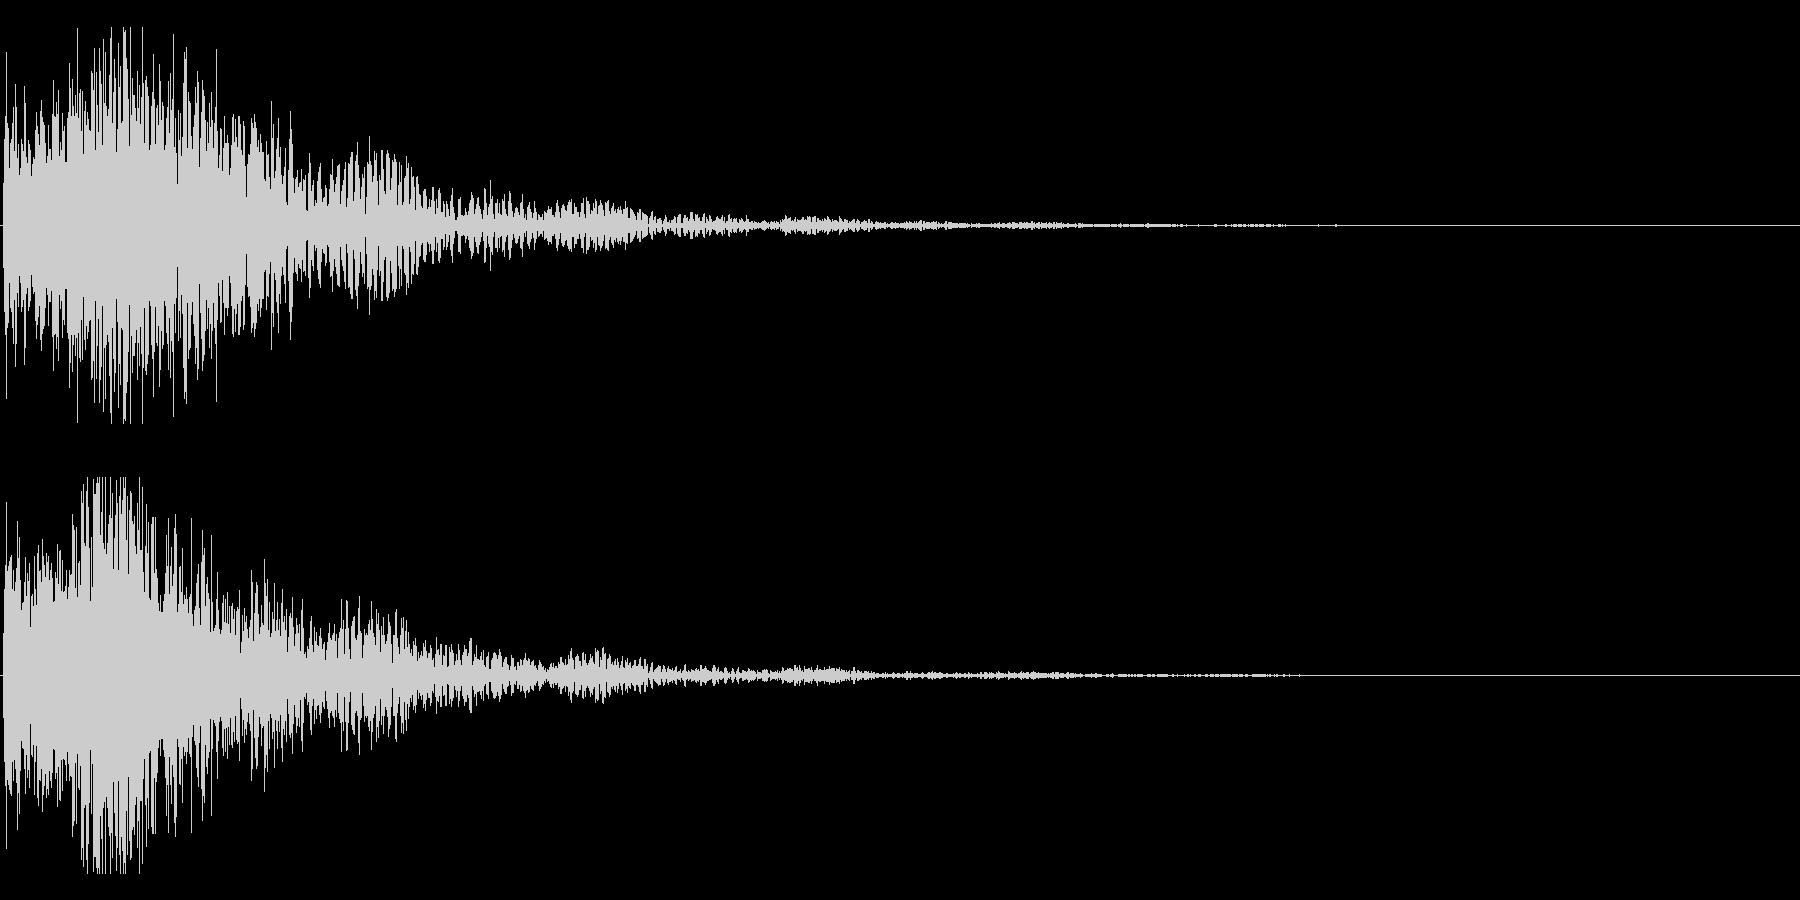 和風 オーケストラヒット ジングル!01の未再生の波形